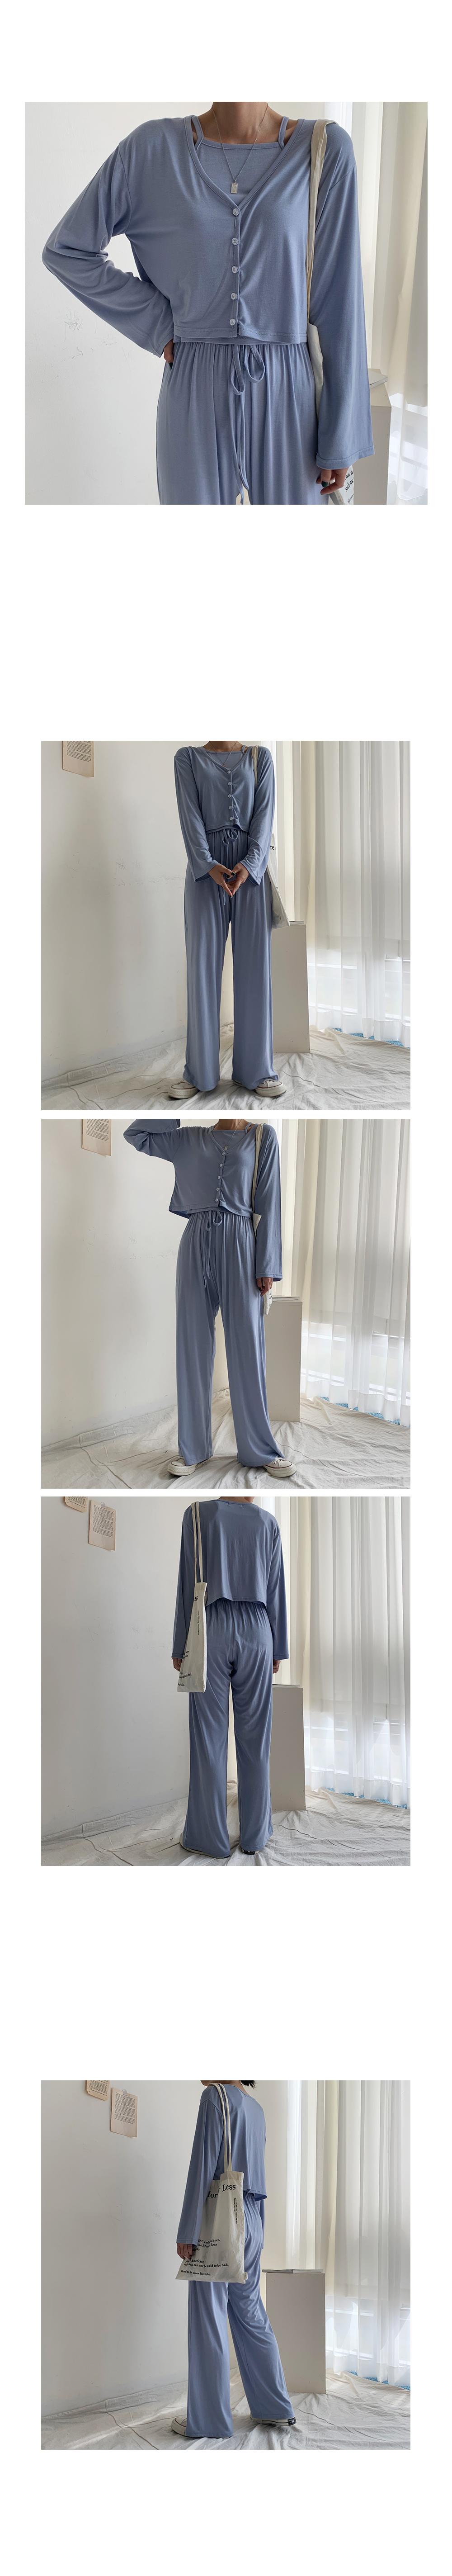 Rani cardigan set